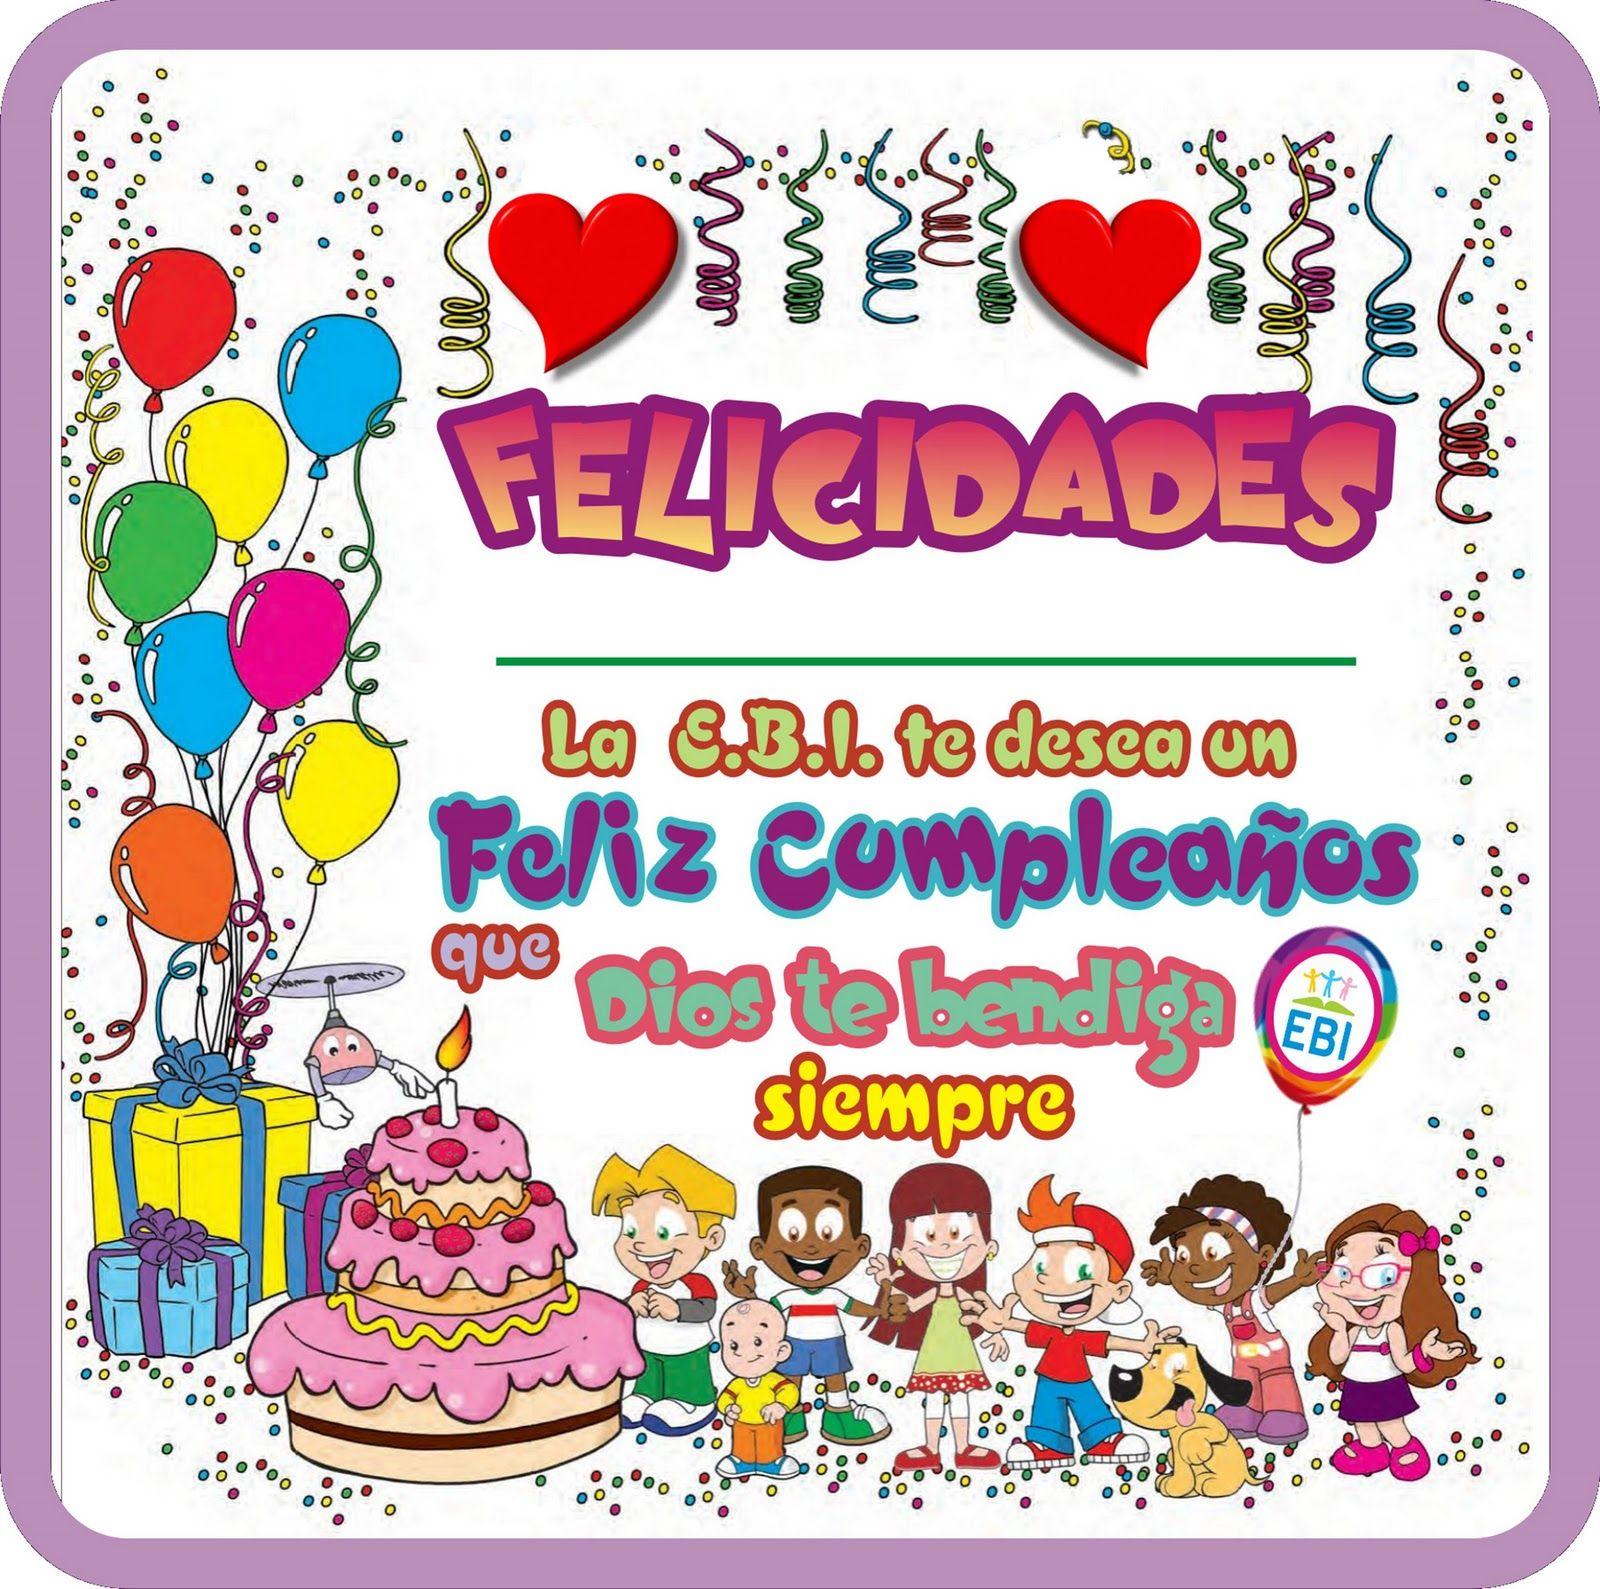 frases de cumpleanos para ninos imagenes de cumpleaños para niños felicidades 2 jpg recepies